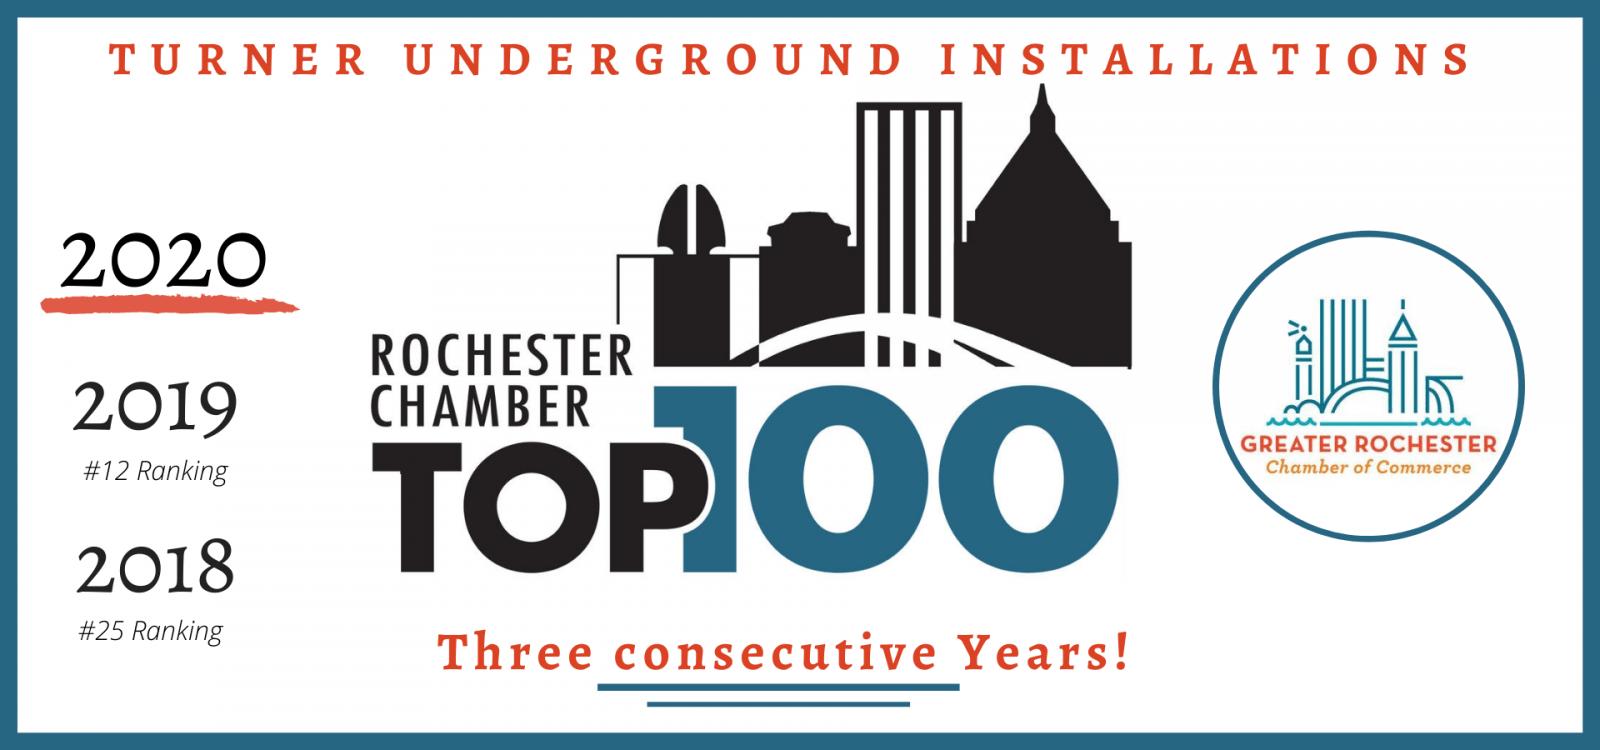 Top 100 Companies Turner Underground